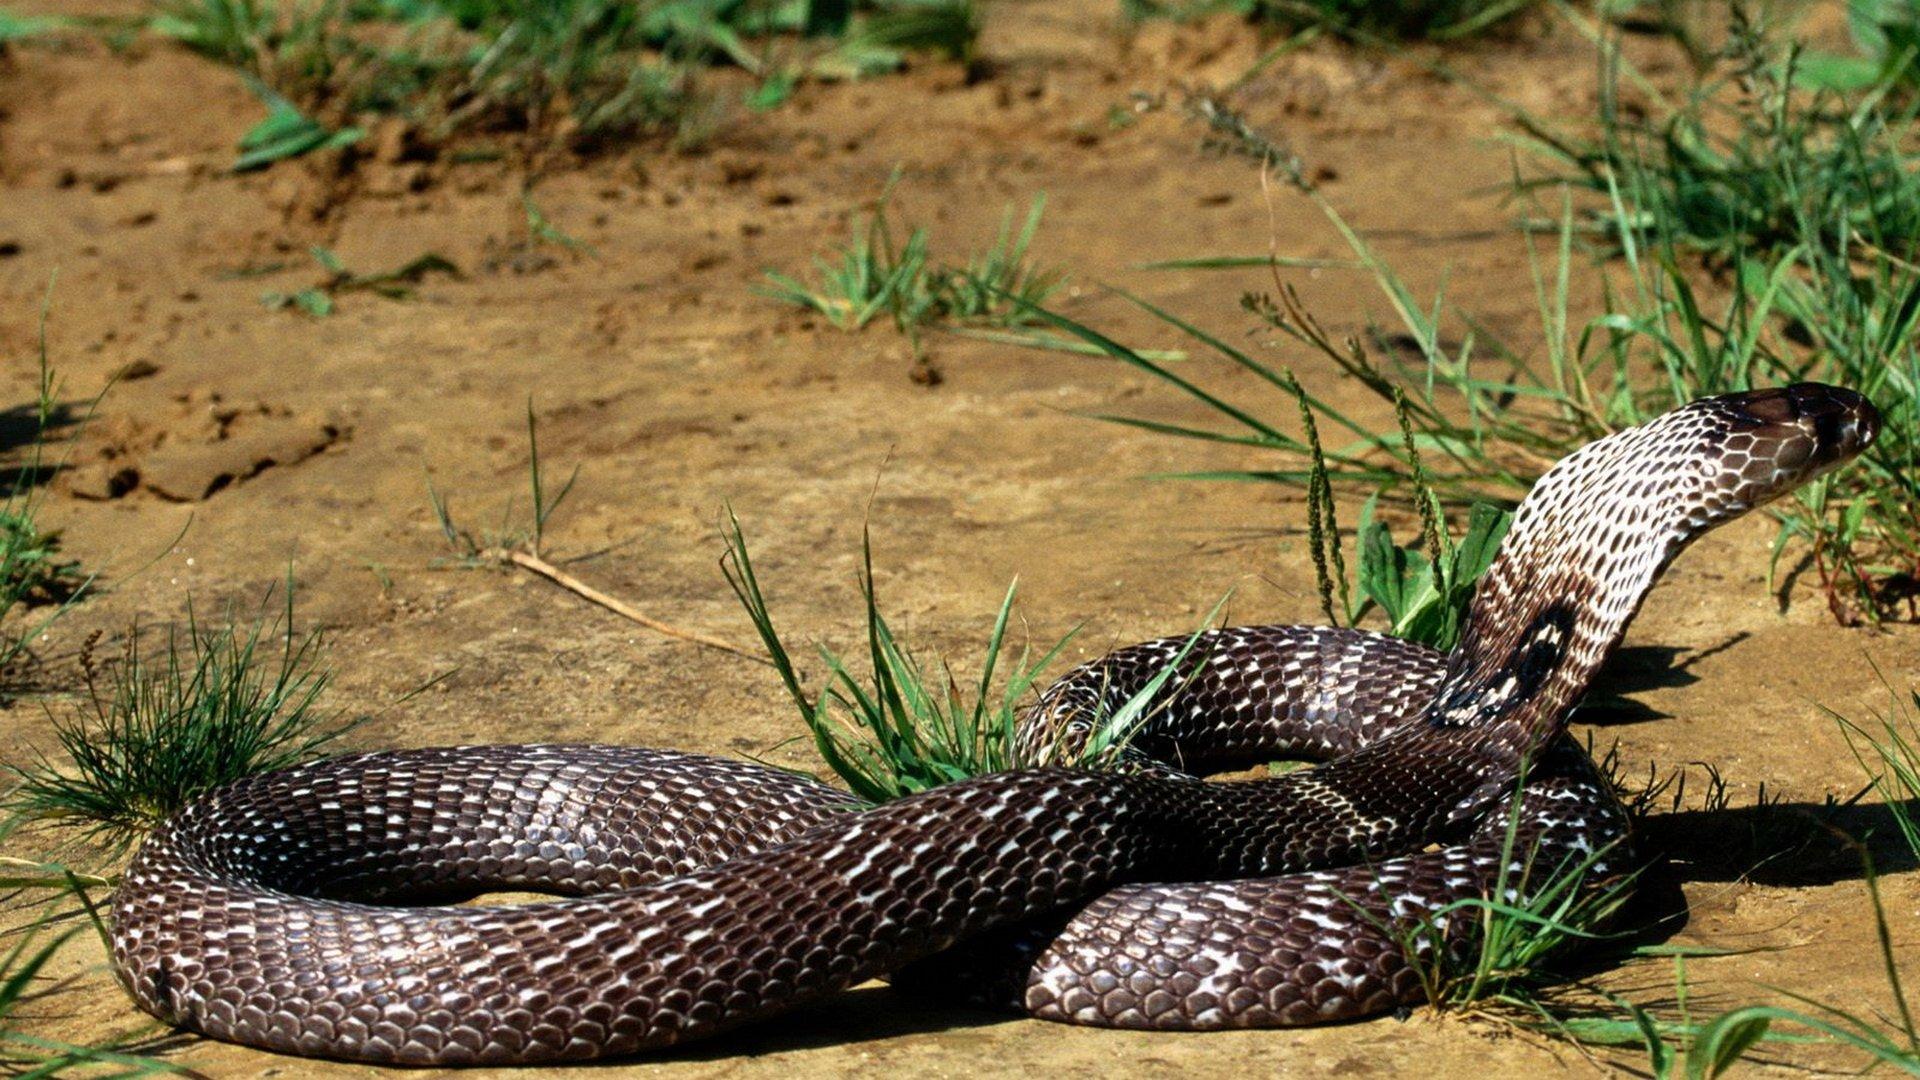 Animal - Cobra  Snake Desert Animal Reptile Wallpaper